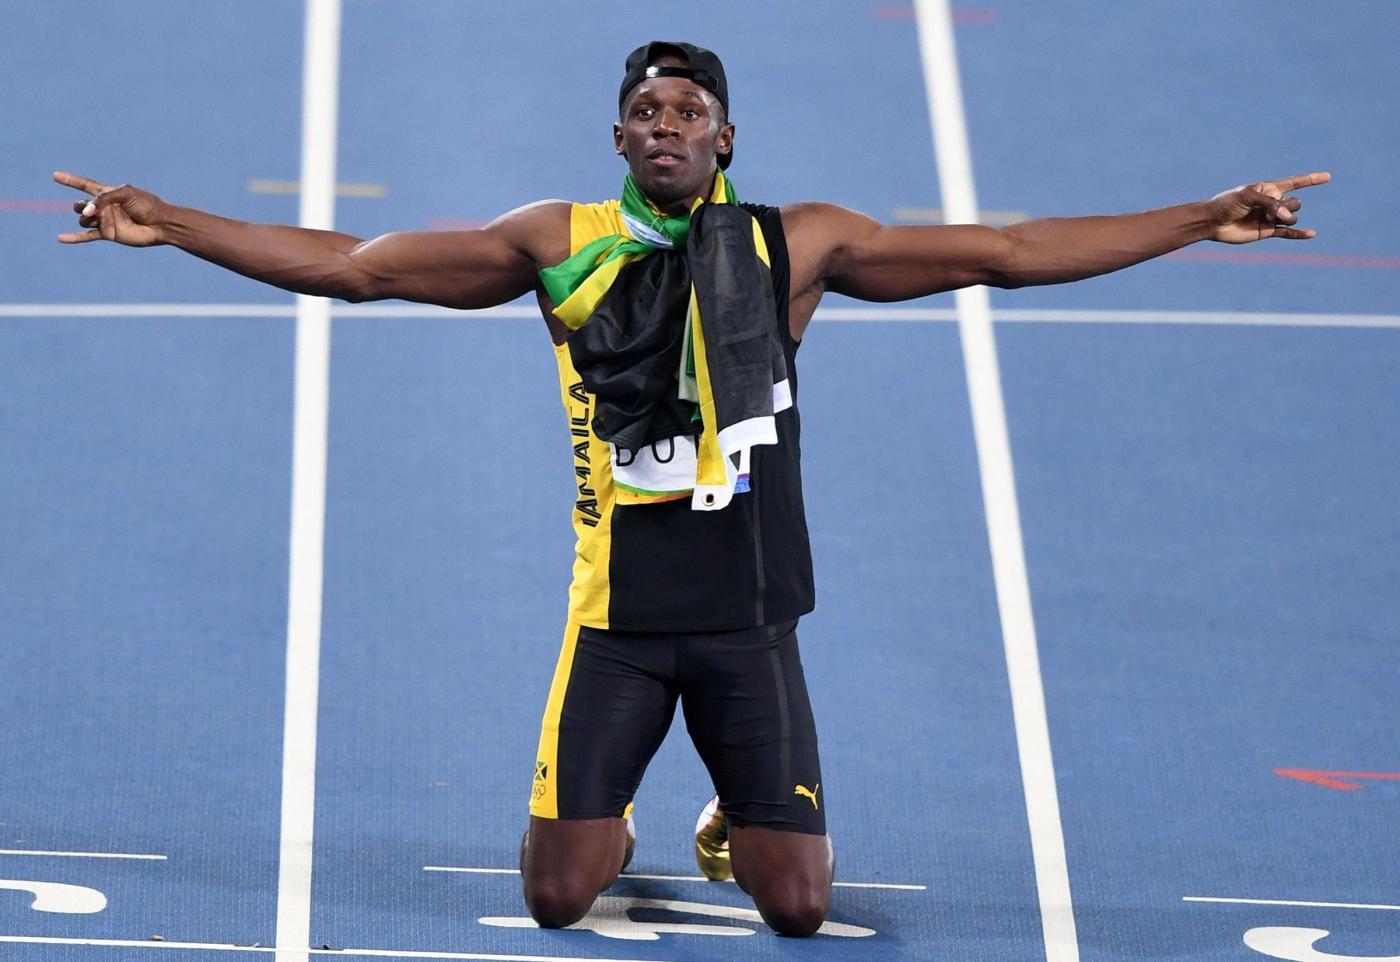 Rio 2016 Atletica, finale staffetta 4x100m maschile